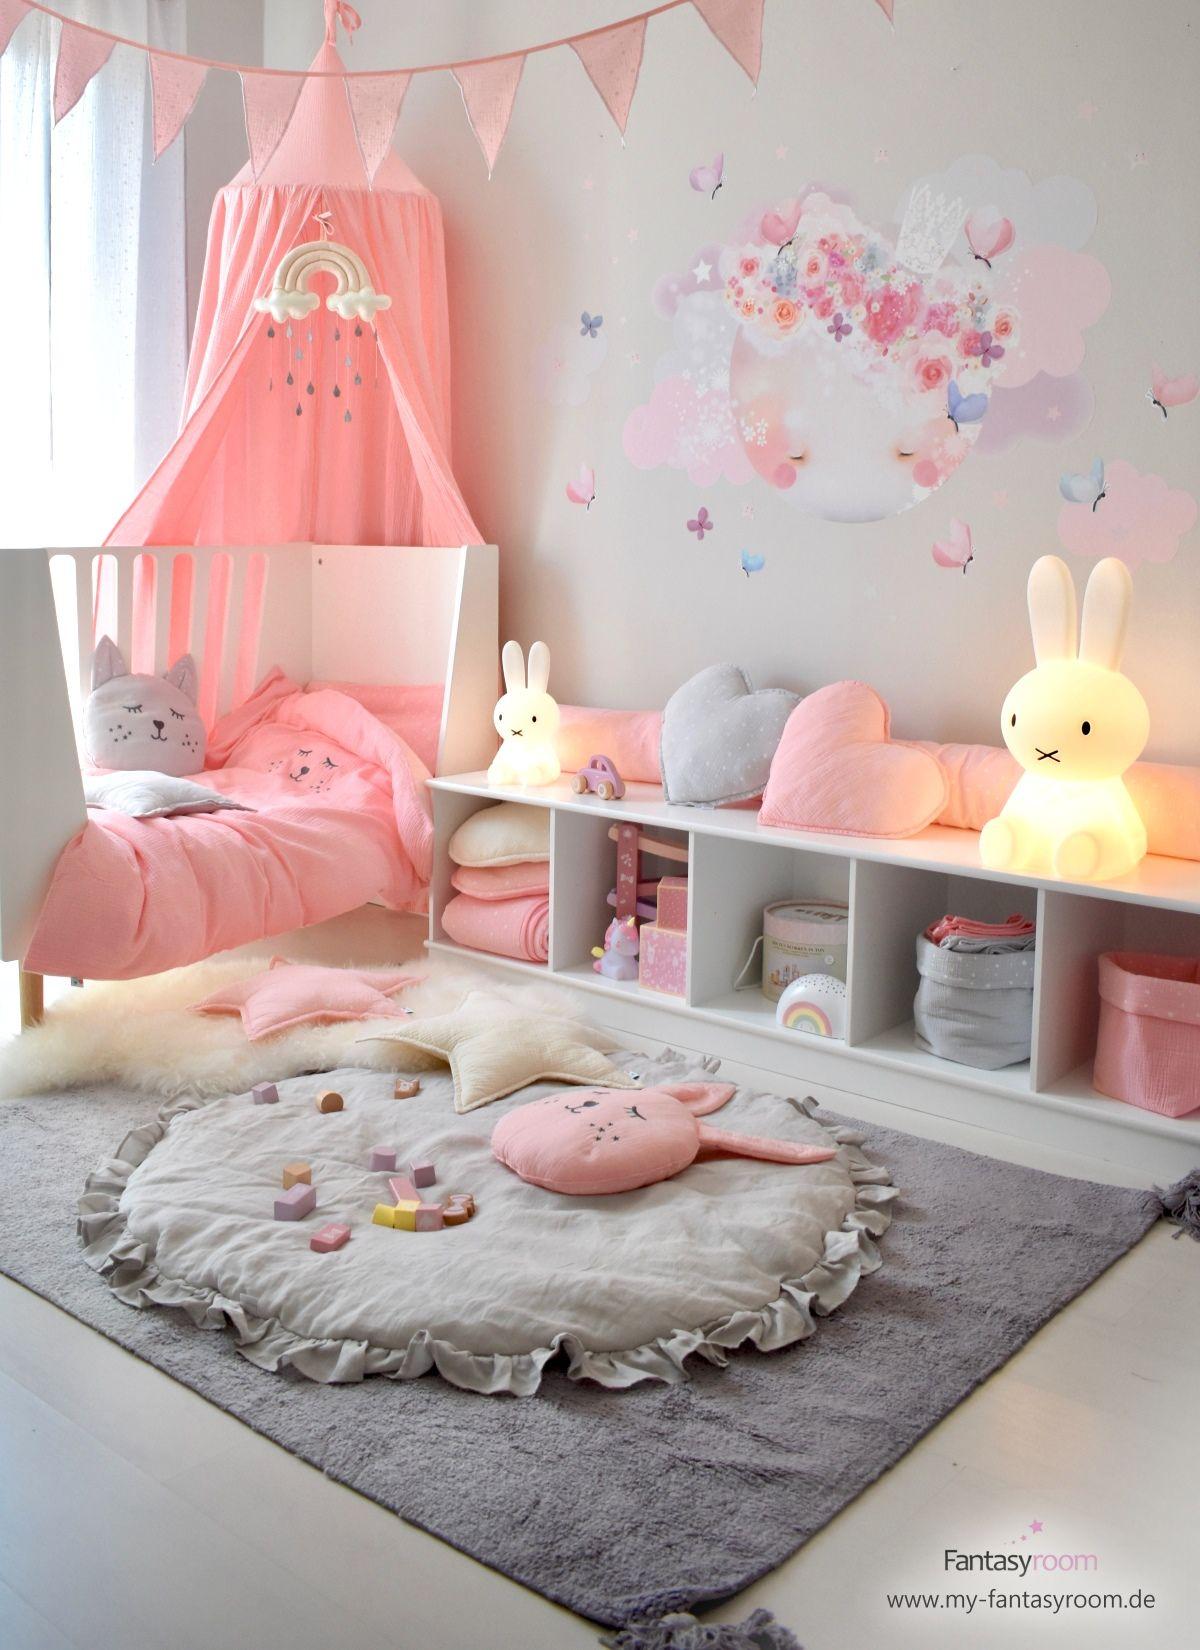 Romantisches Mädchenzimmer in Rosa mit Mond-Wandtattoo #kinderzimmermädchen